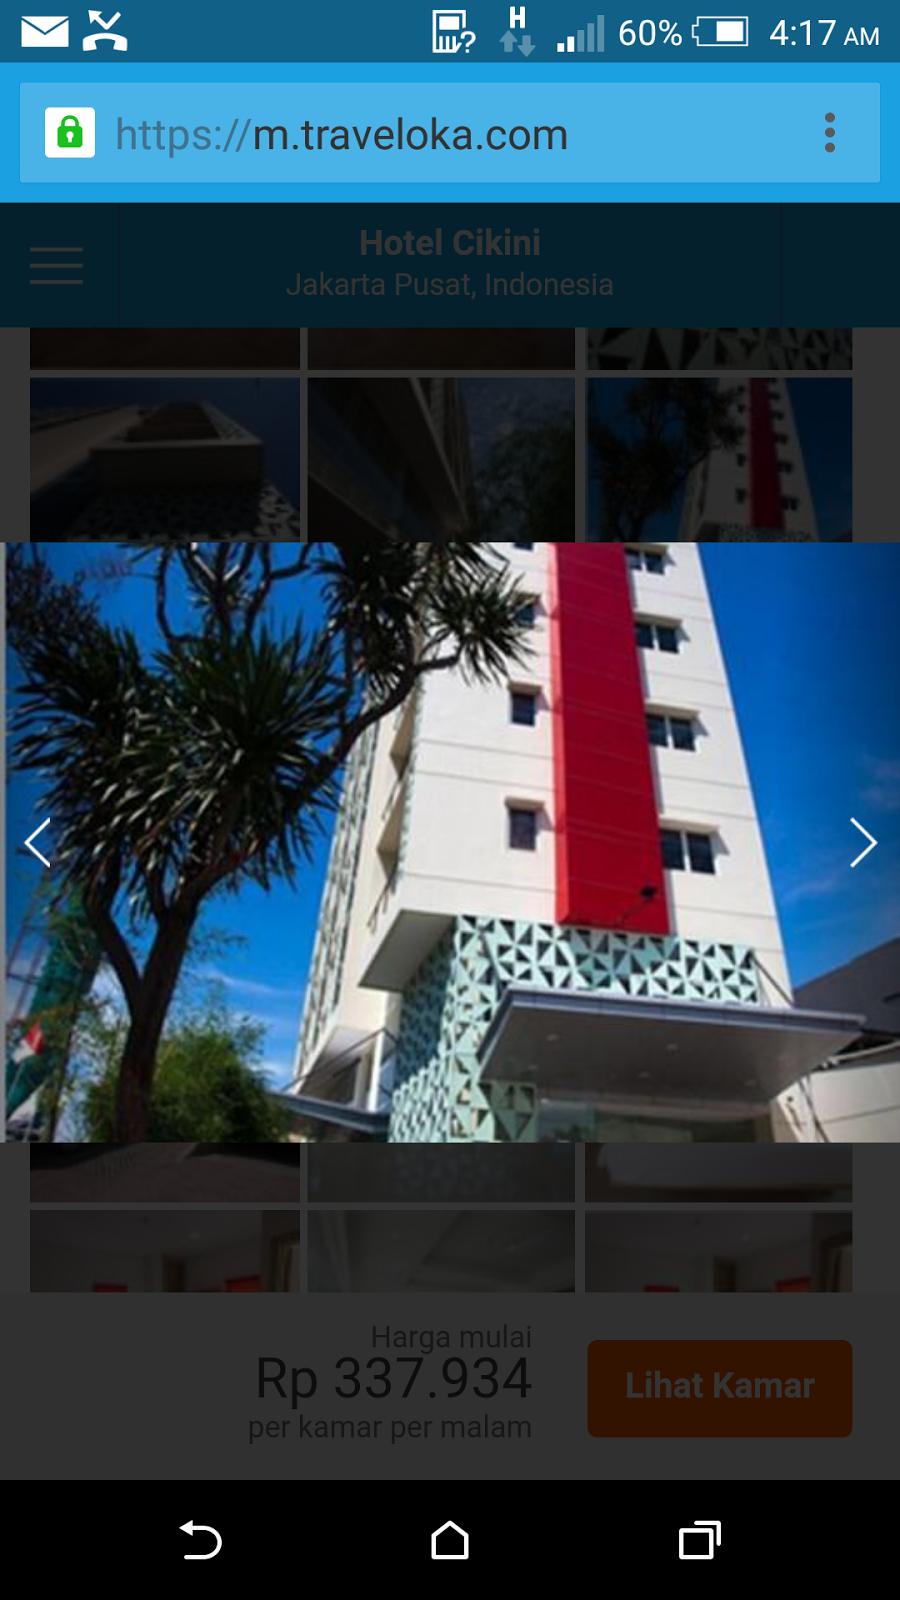 Dalam Situs Di Atas Anda Bisa Dengan Mudah Mencari Hotel Murah Yang Cocok Dana Untuk Wisata Atau Berkunjung Ke Jakarta